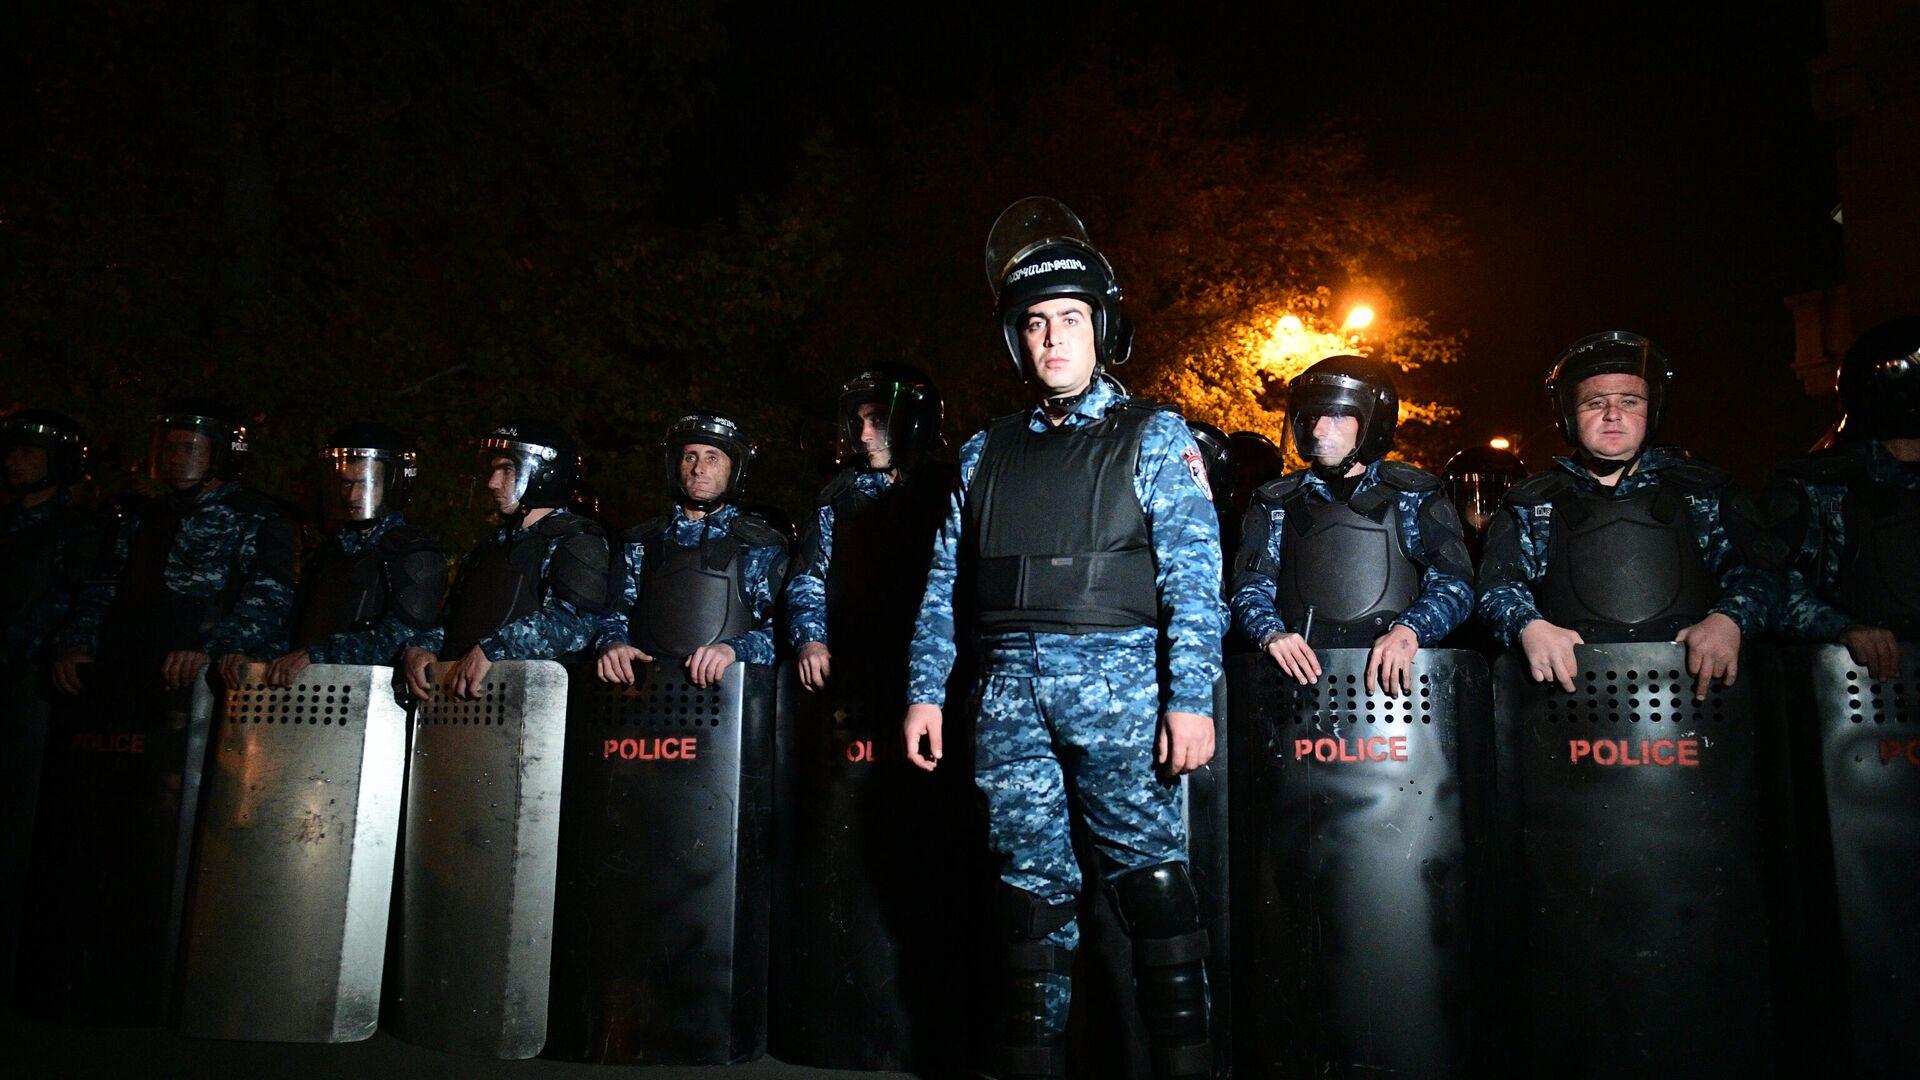 Сотрудники правоохранительных органов во время митинга оппозиции в Ереване - РИА Новости, 1920, 12.11.2020